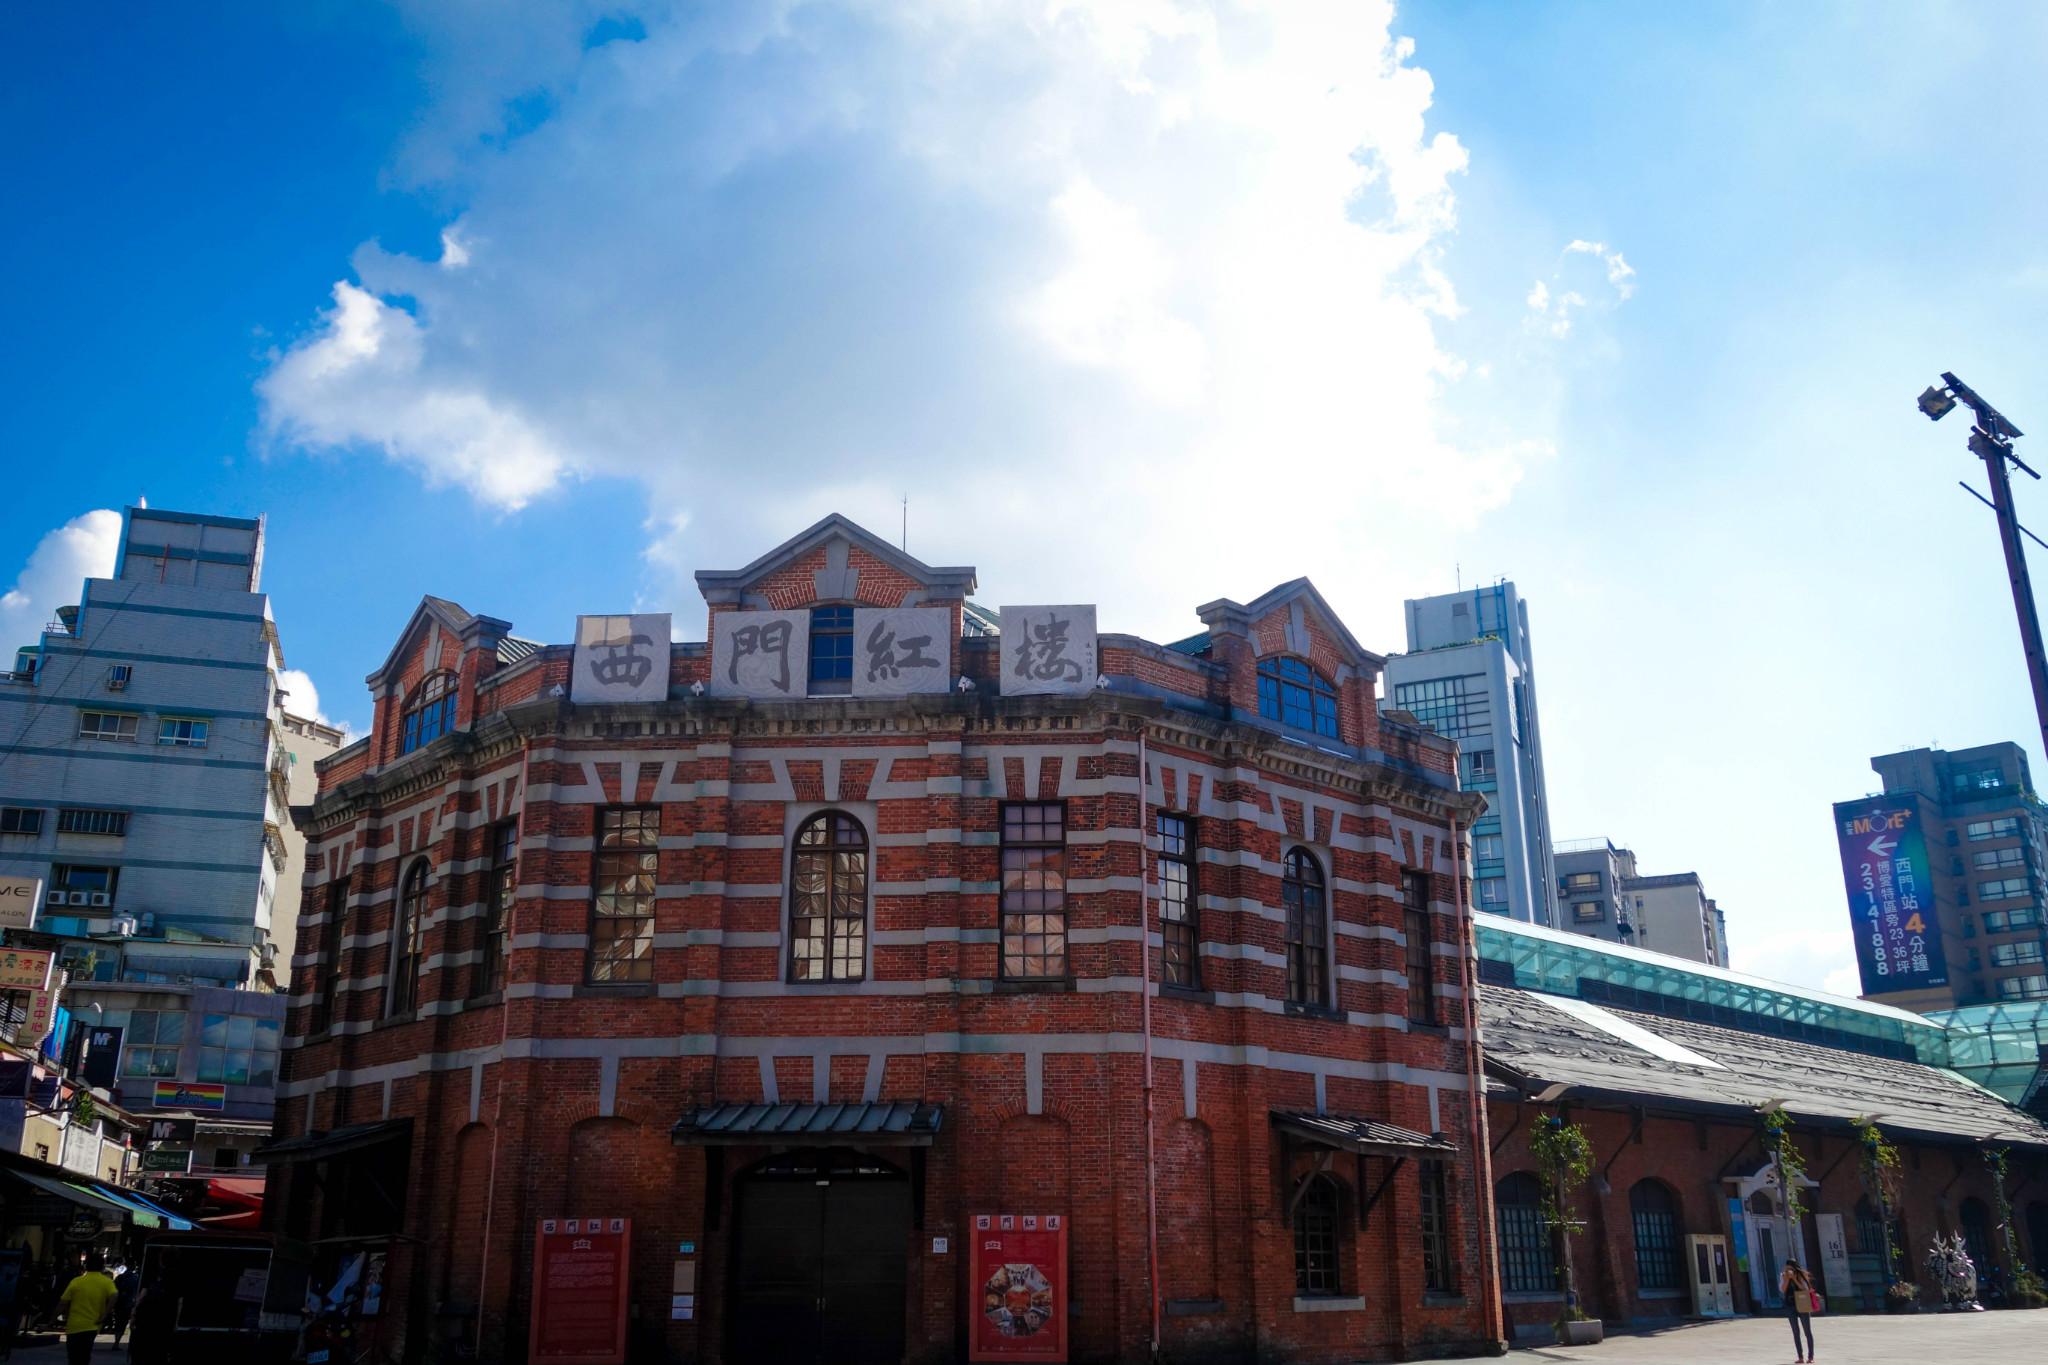 西门红楼开馆时间,西门红楼门票,西门红楼好玩吗